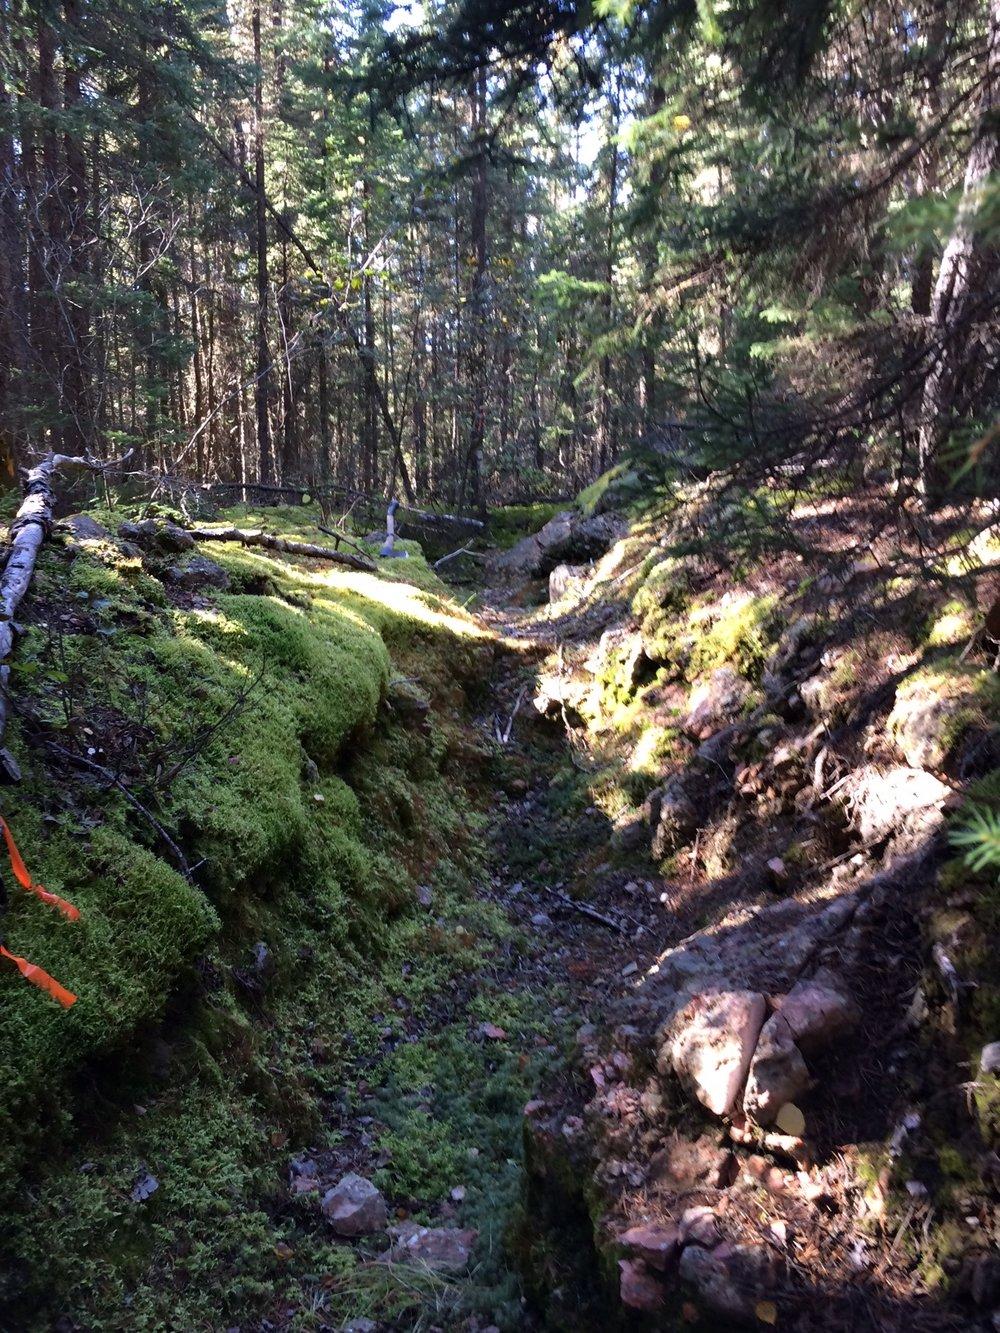 Overgrown historic trench in spodumene-bearing Zoro pegmatite Dyke 1.